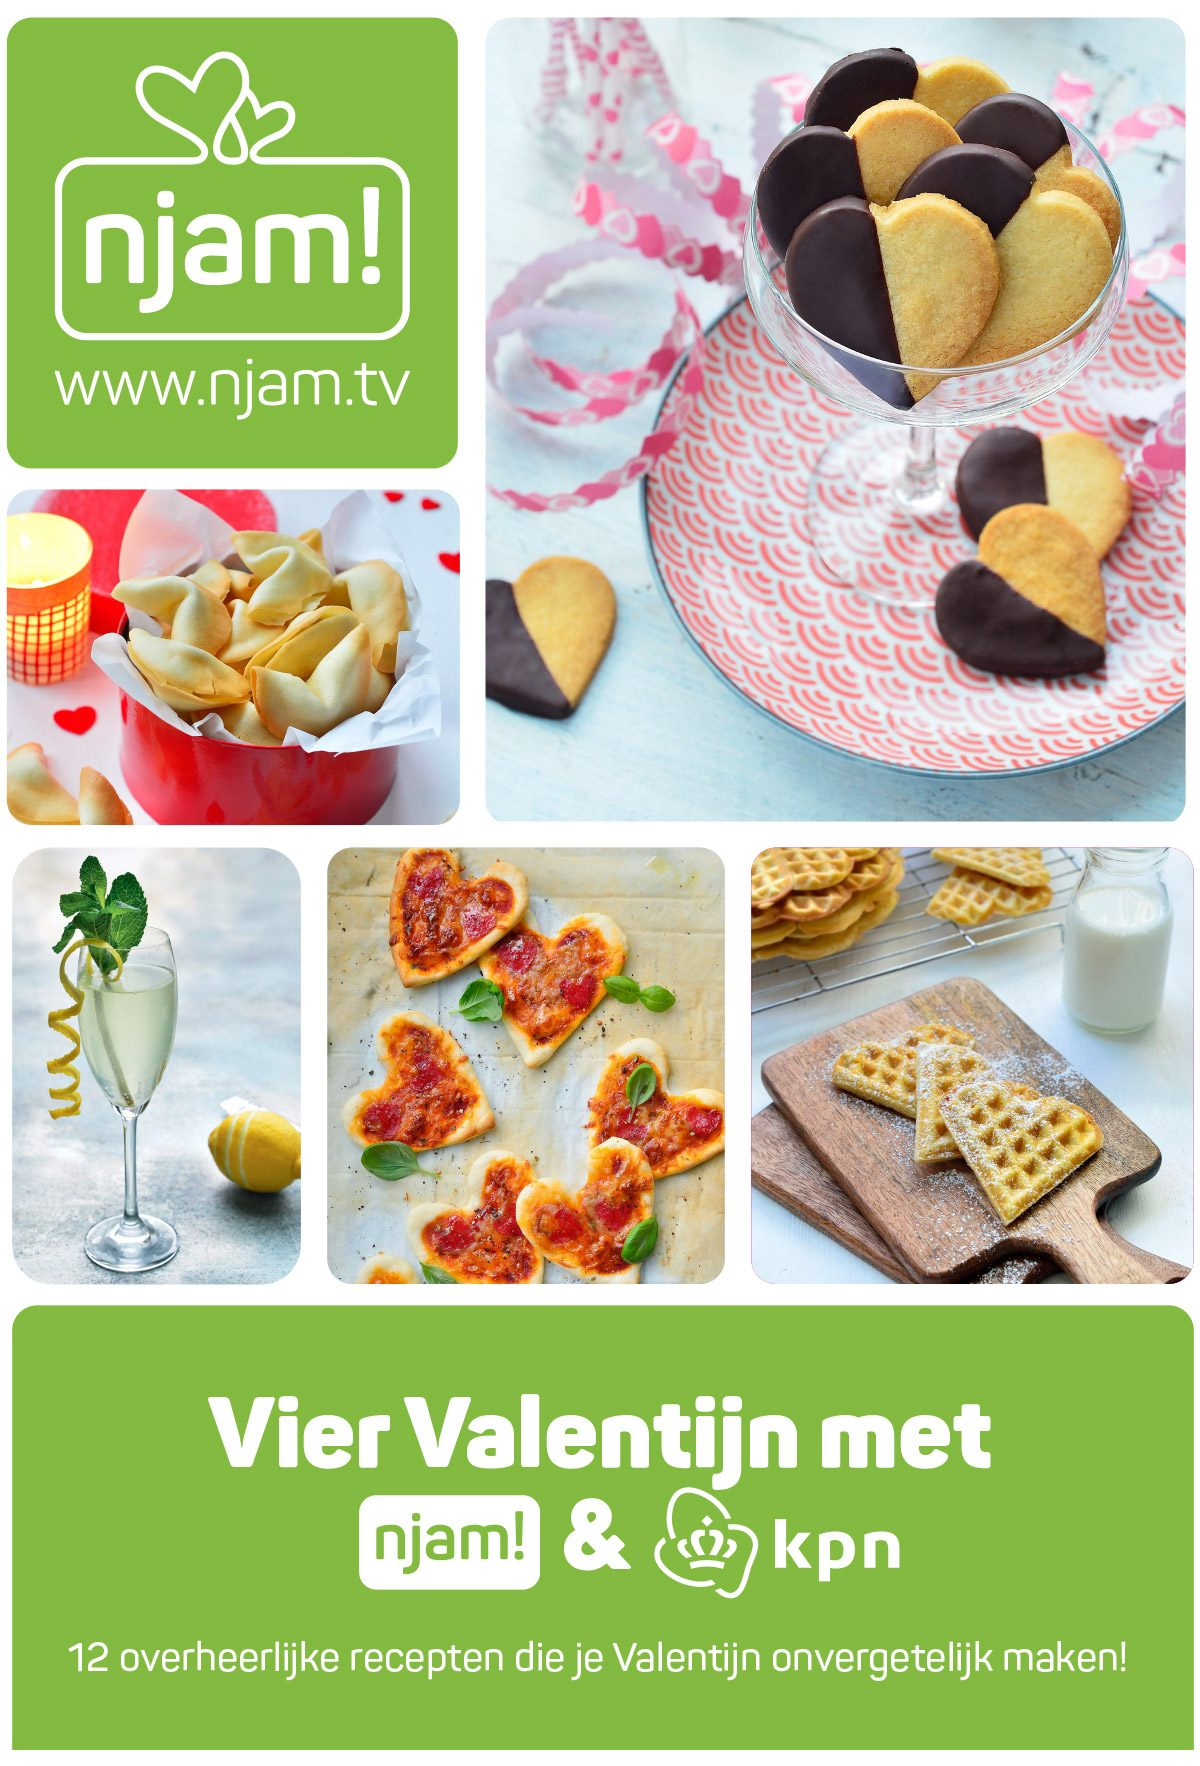 Vier Valentijn met njam! en KPN